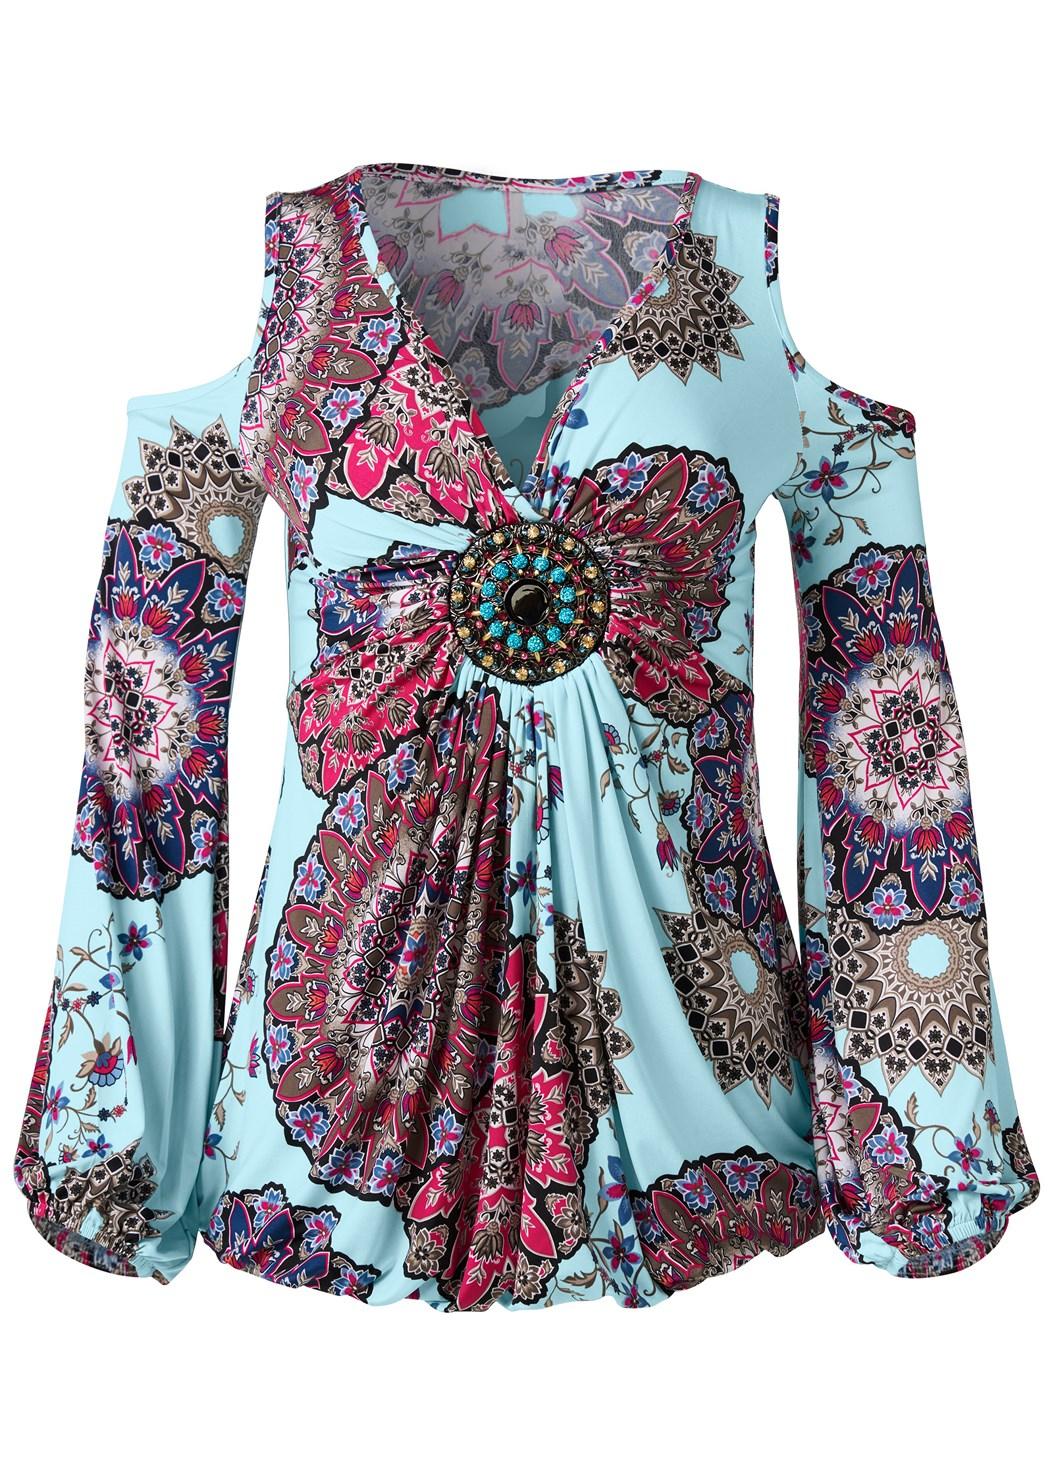 Cold Shoulder Print Top,Mid Rise Color Skinny Jeans,Embellished Lucite Heel